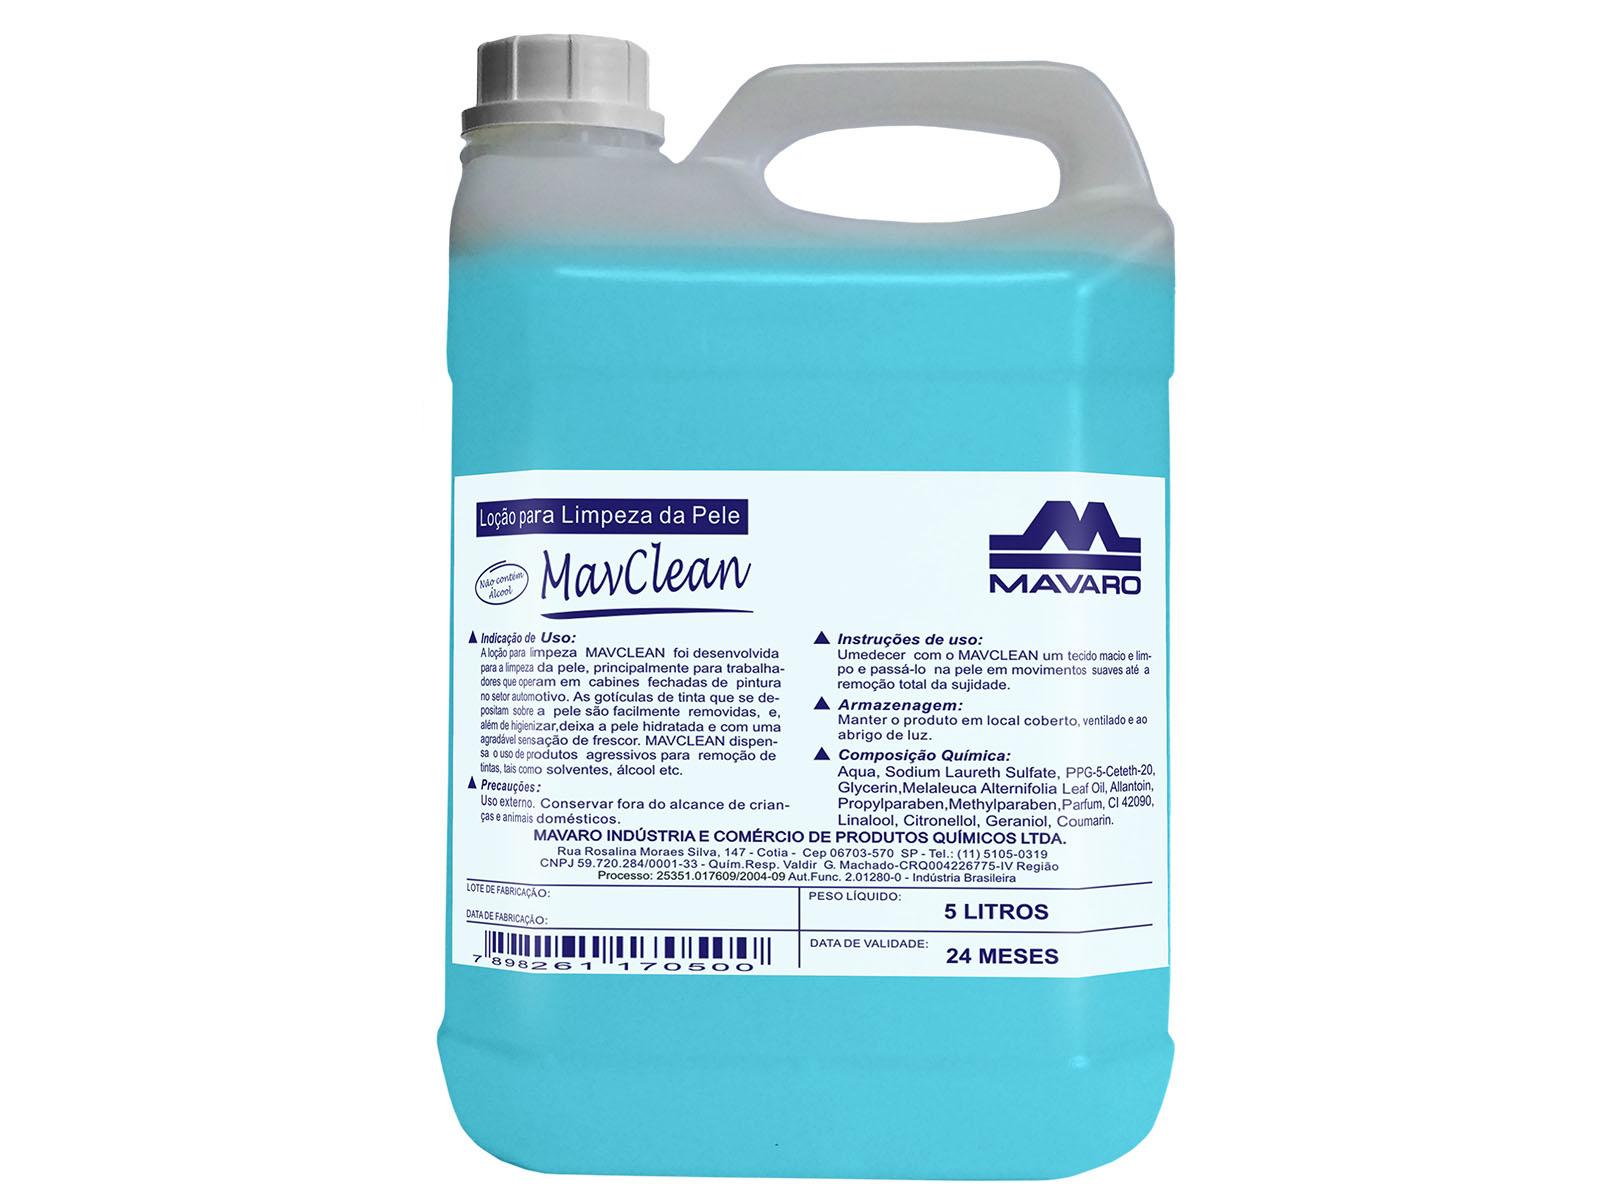 Loção profissional para limpeza, higienização e hidratação.